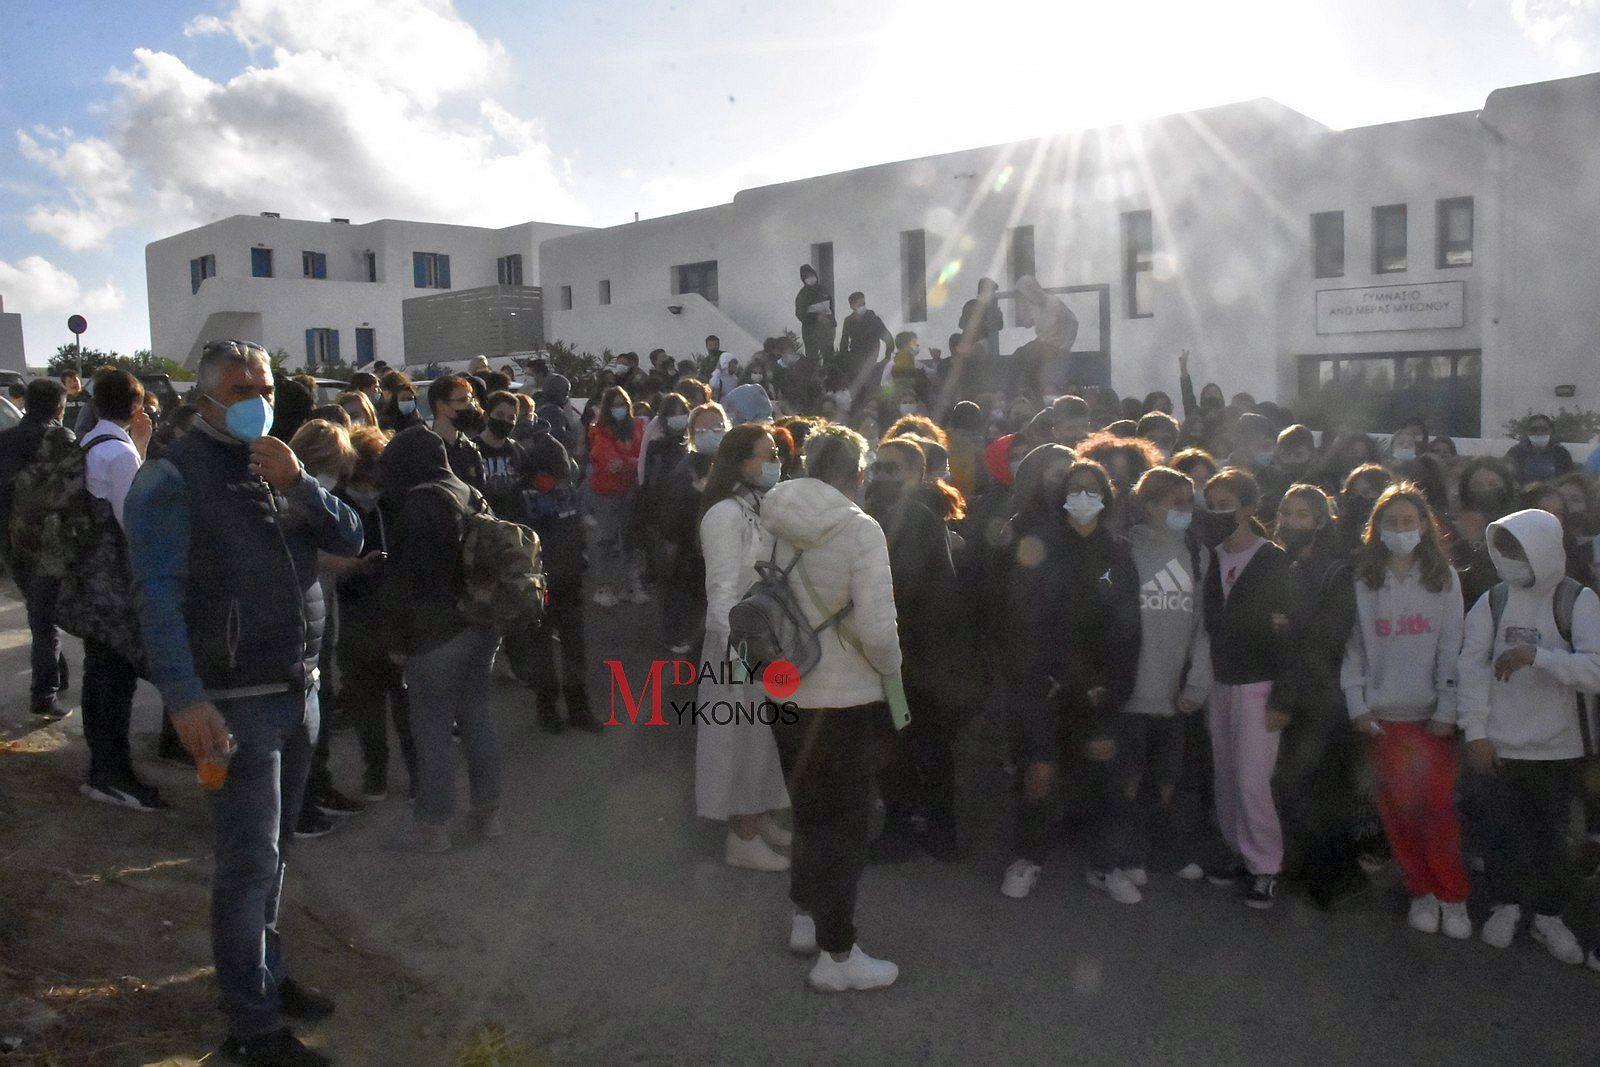 Διαμαρτυρία στο Γυμνάσιο της Άνω Μεράς  για τις συγχωνεύσεις των τμημάτων